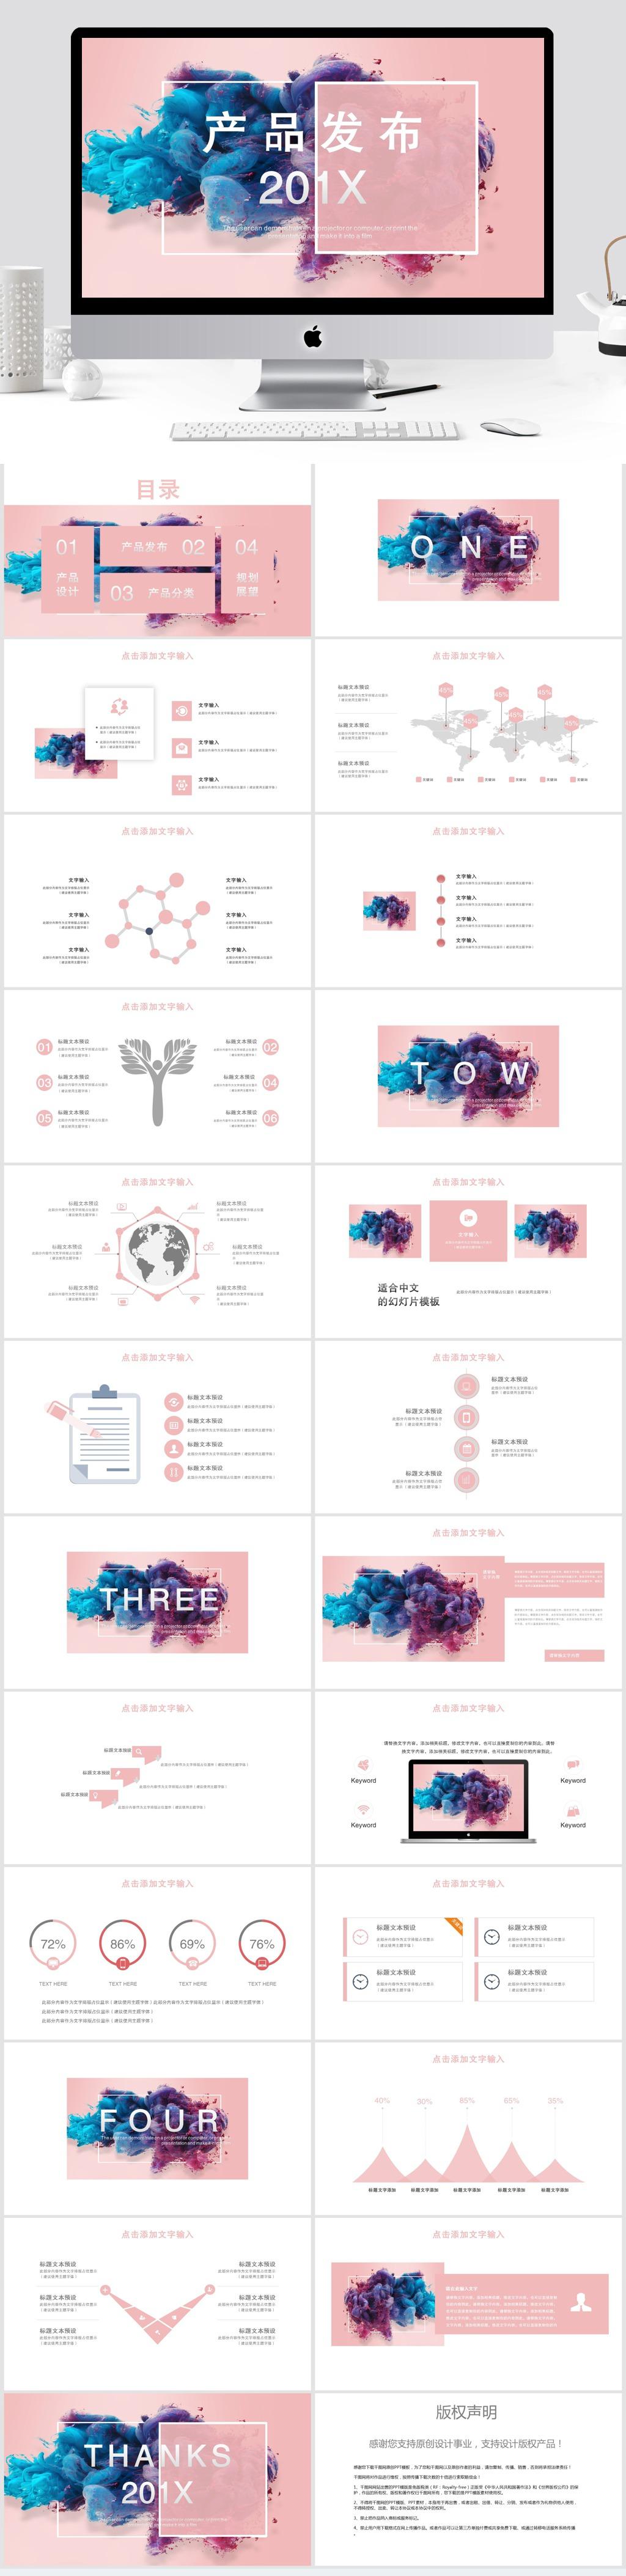 时尚粉色产品发布PPT模板